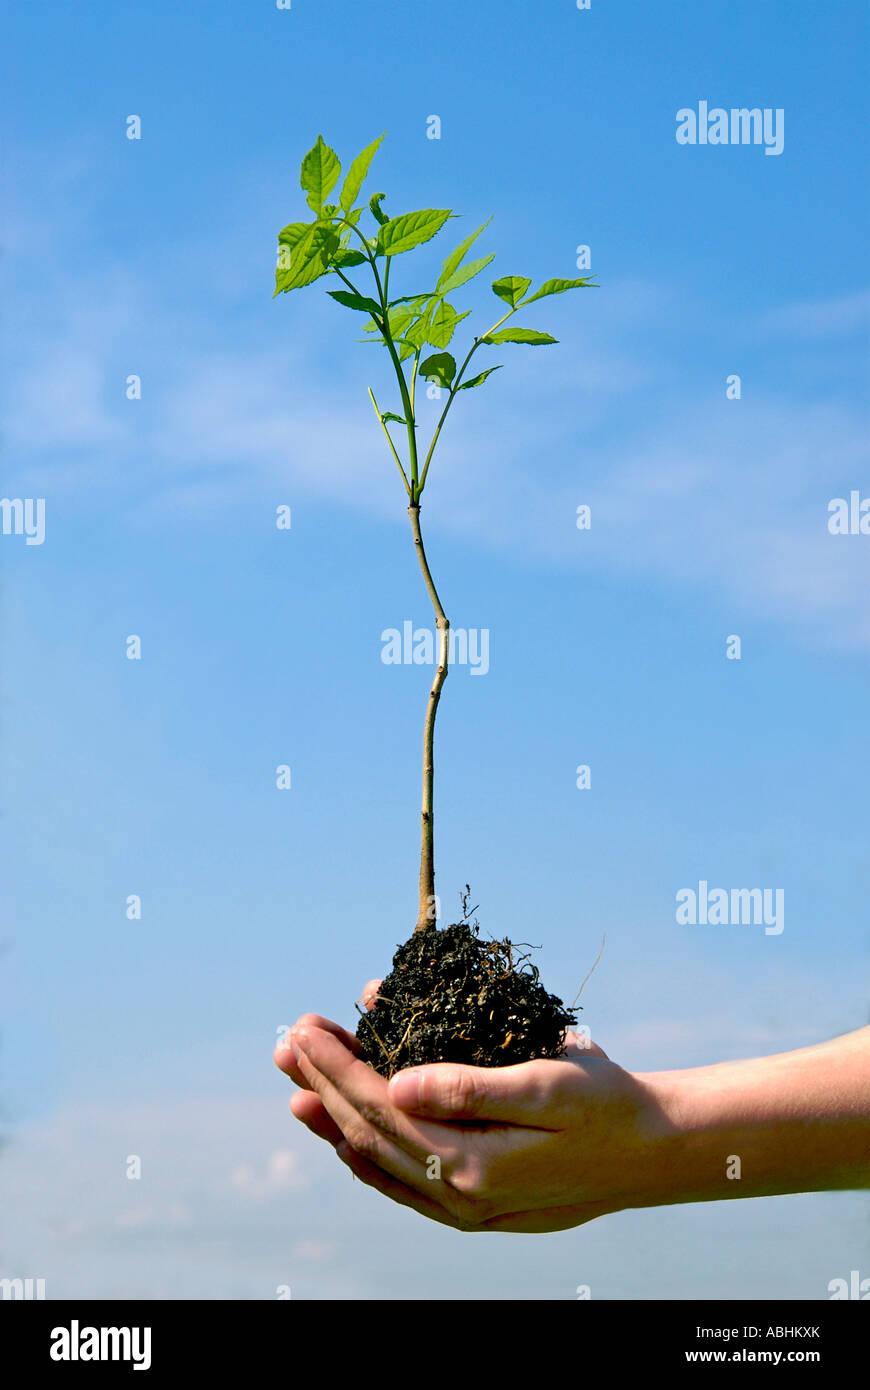 Hände halten ein junger Pflanzen im freien - Wachstumskonzept Stockbild